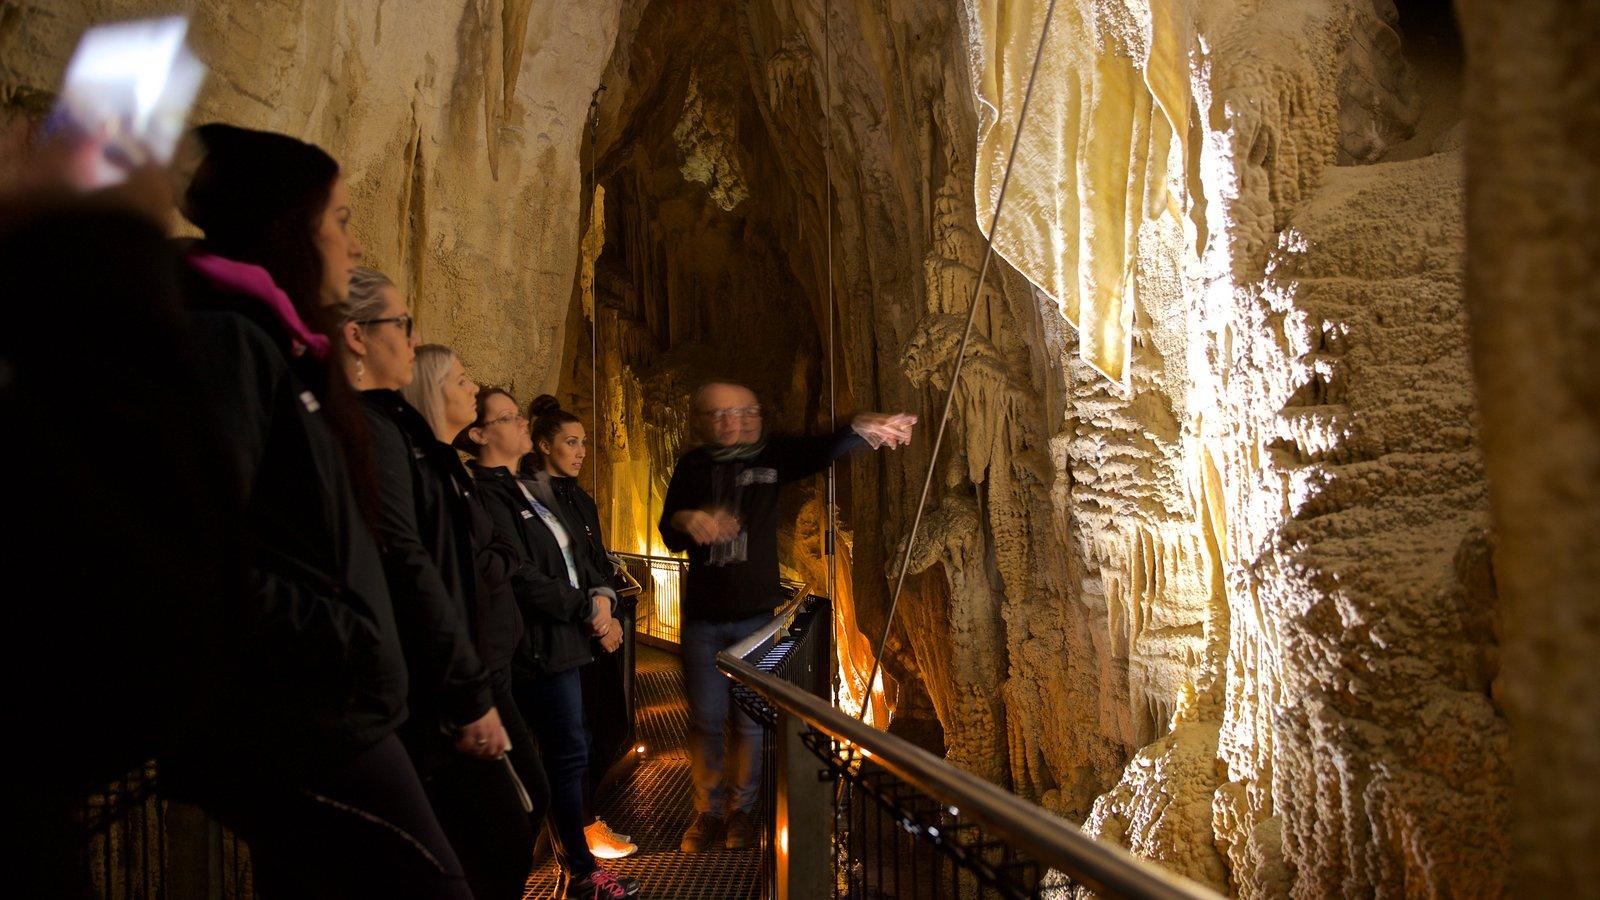 Cavernas de Waitomo caracterizando cavernas assim como um pequeno grupo de pessoas